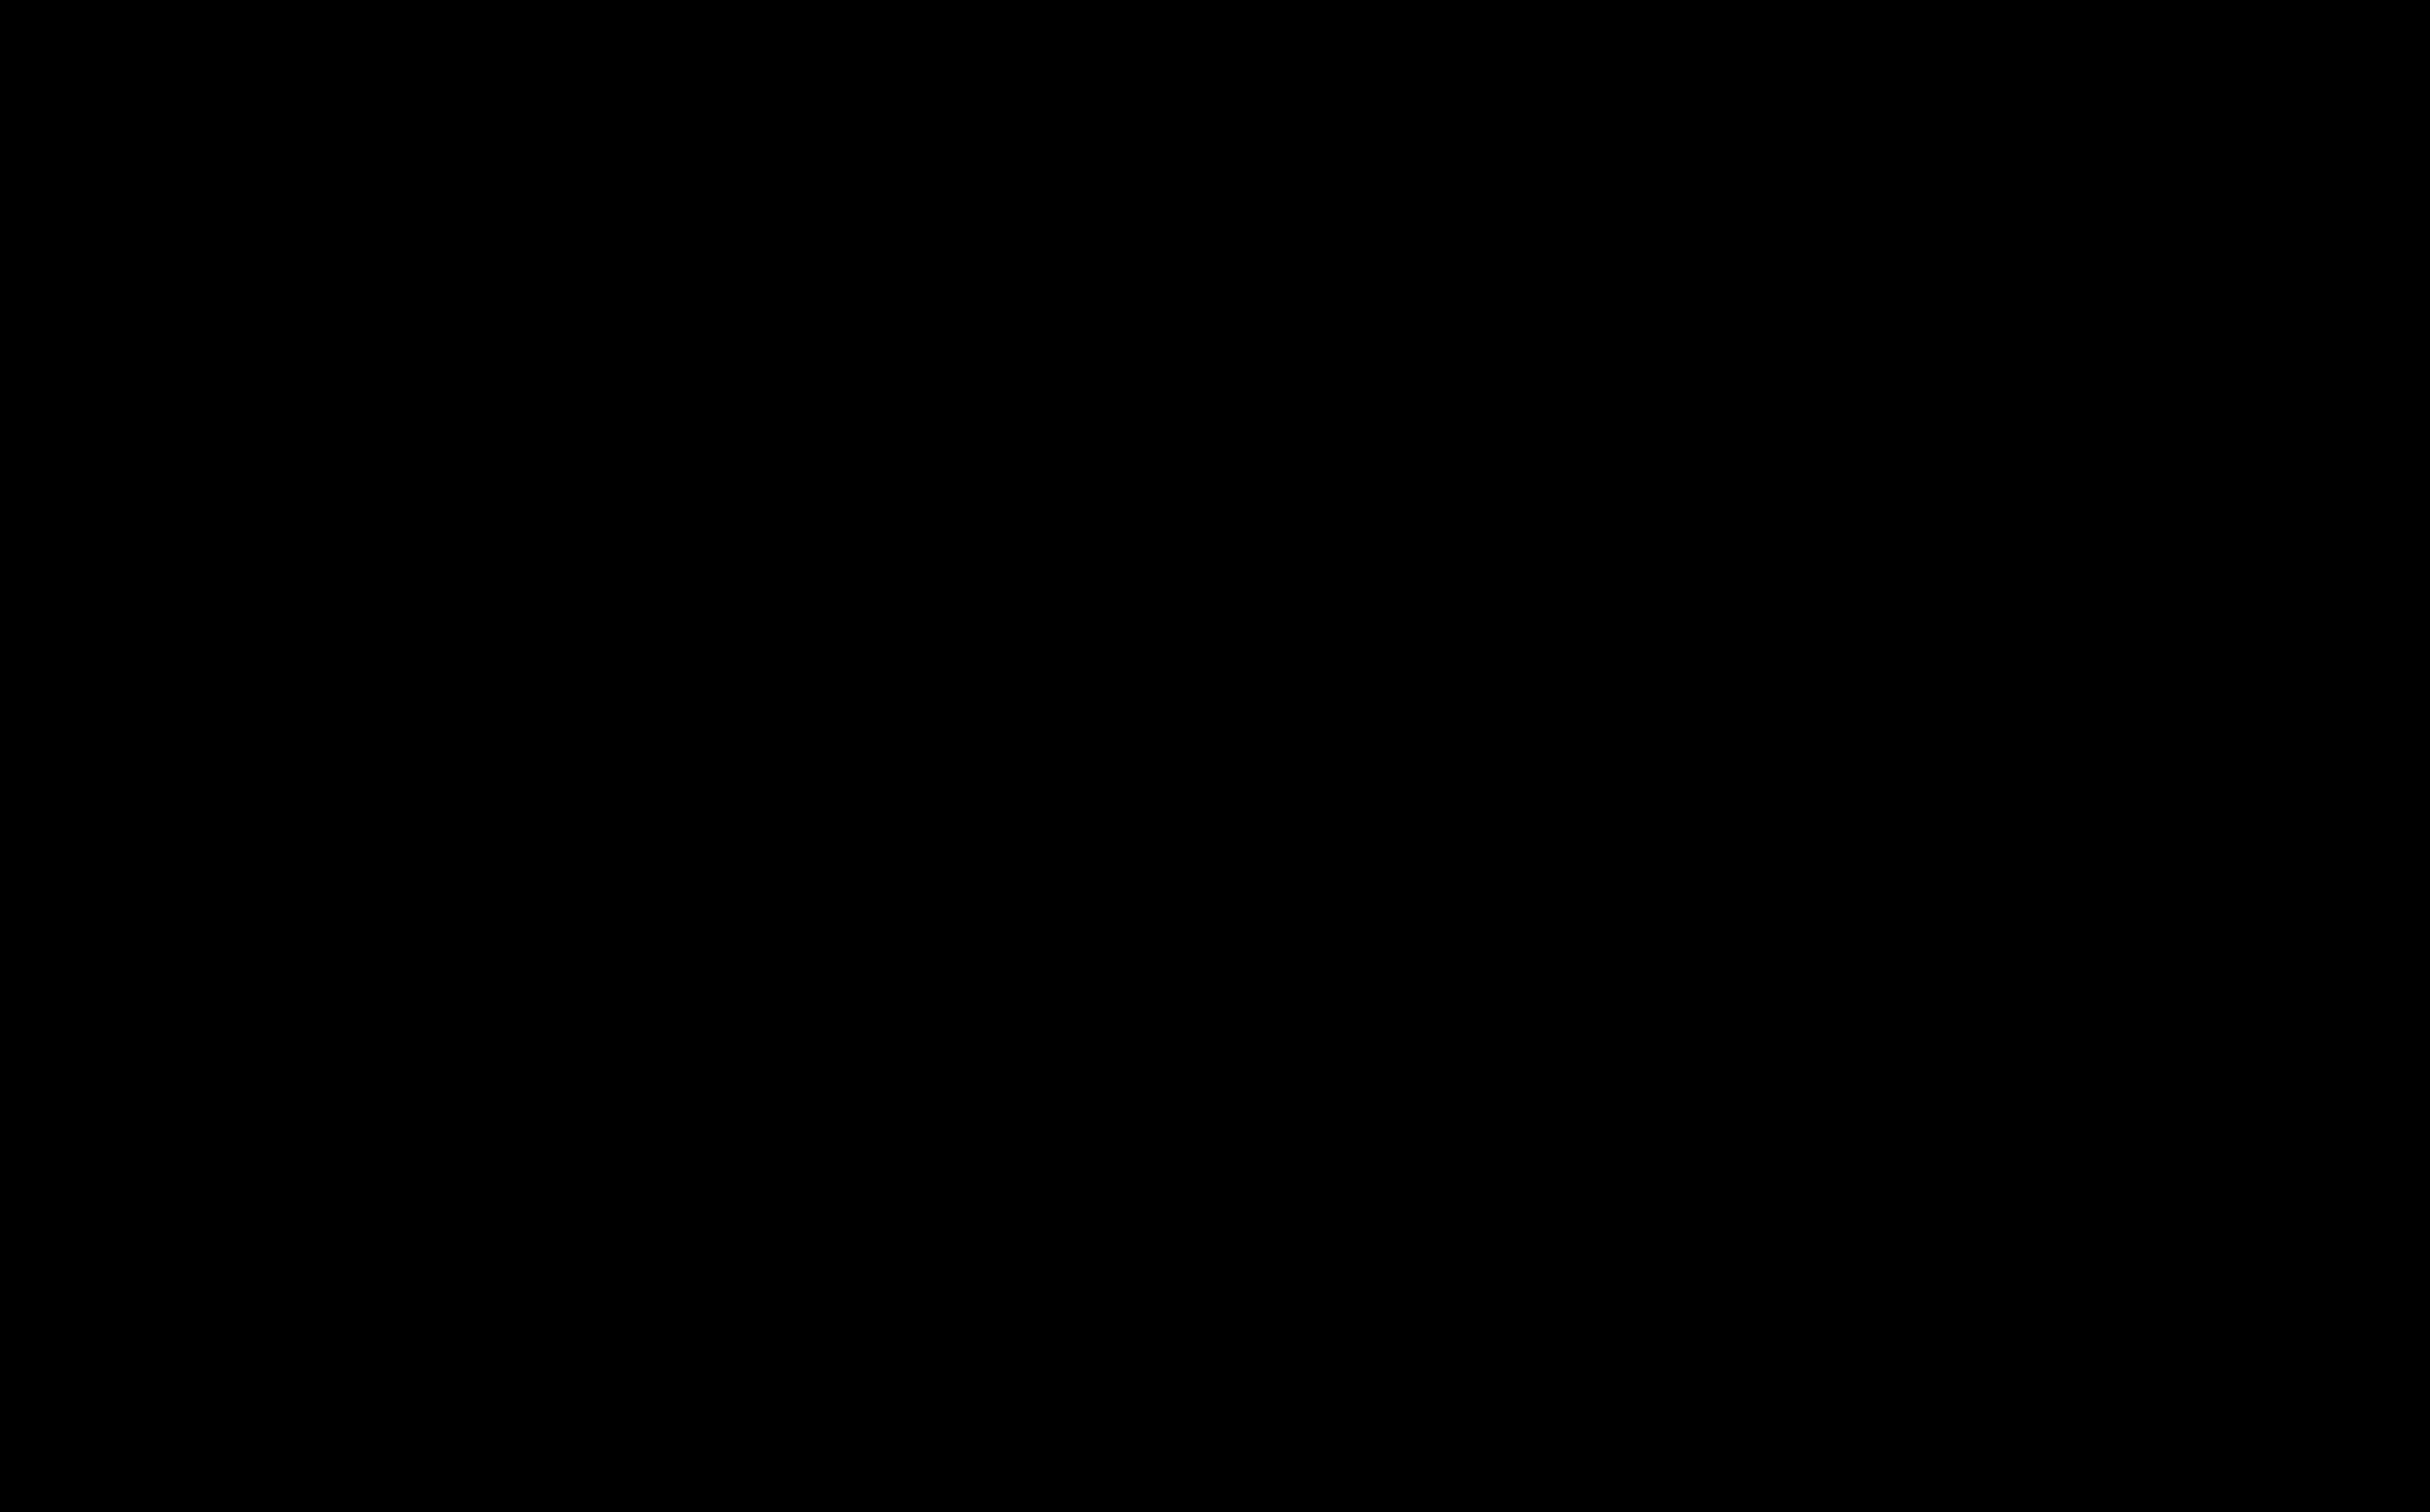 ΔΕΛΤΙΟ ΤΥΠΟΥ Χριστουγεννιάτικο διαδικτυακό χωριό